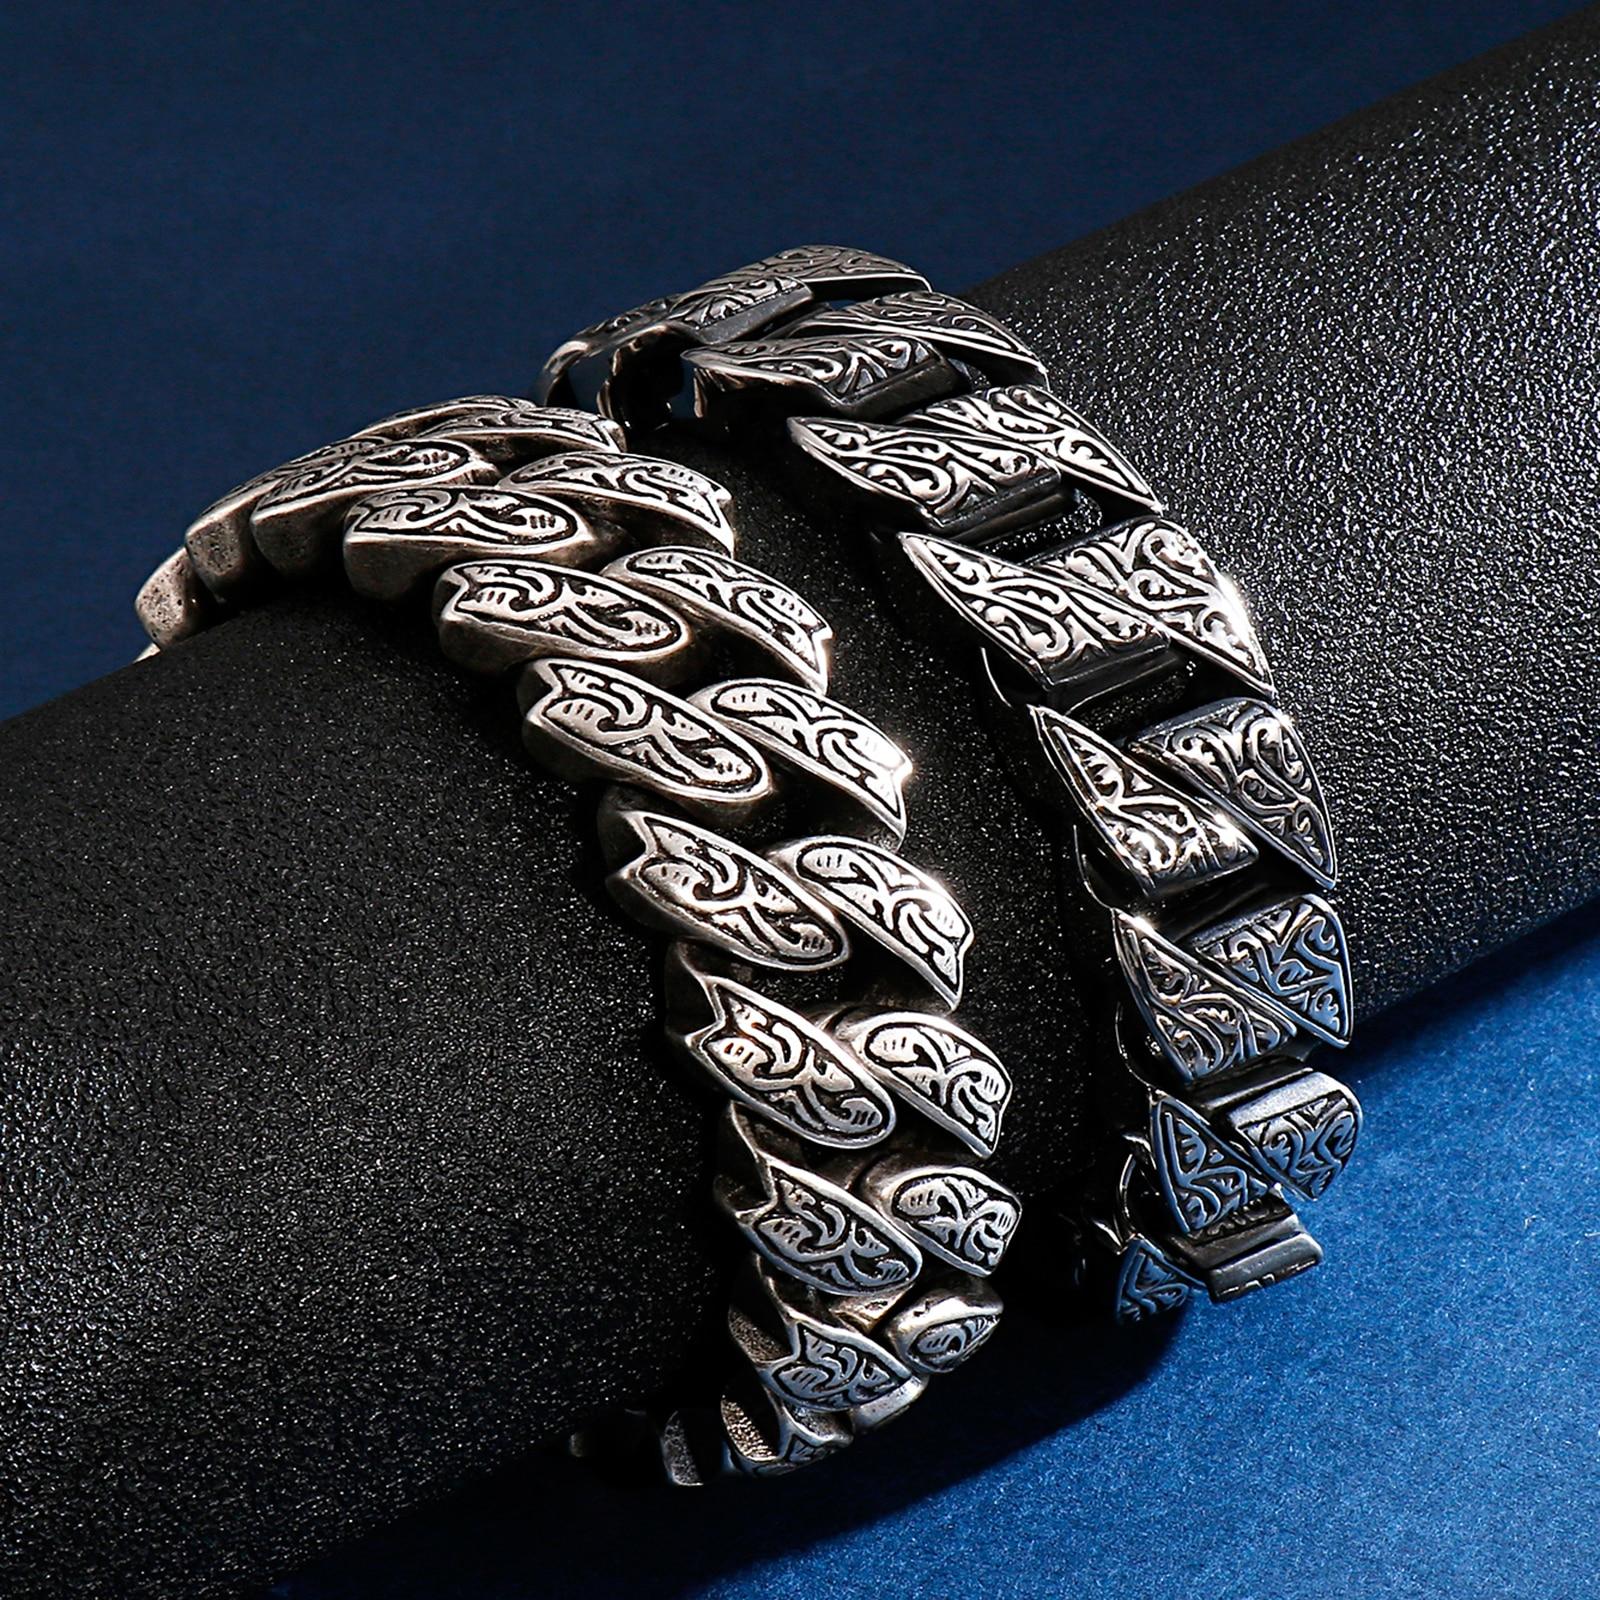 Fongten Vintage Style Bracelet Men's Unique Carving Cuban Link Chain Stainless Steel Men Bracelets Bangle Fashion Jewelry